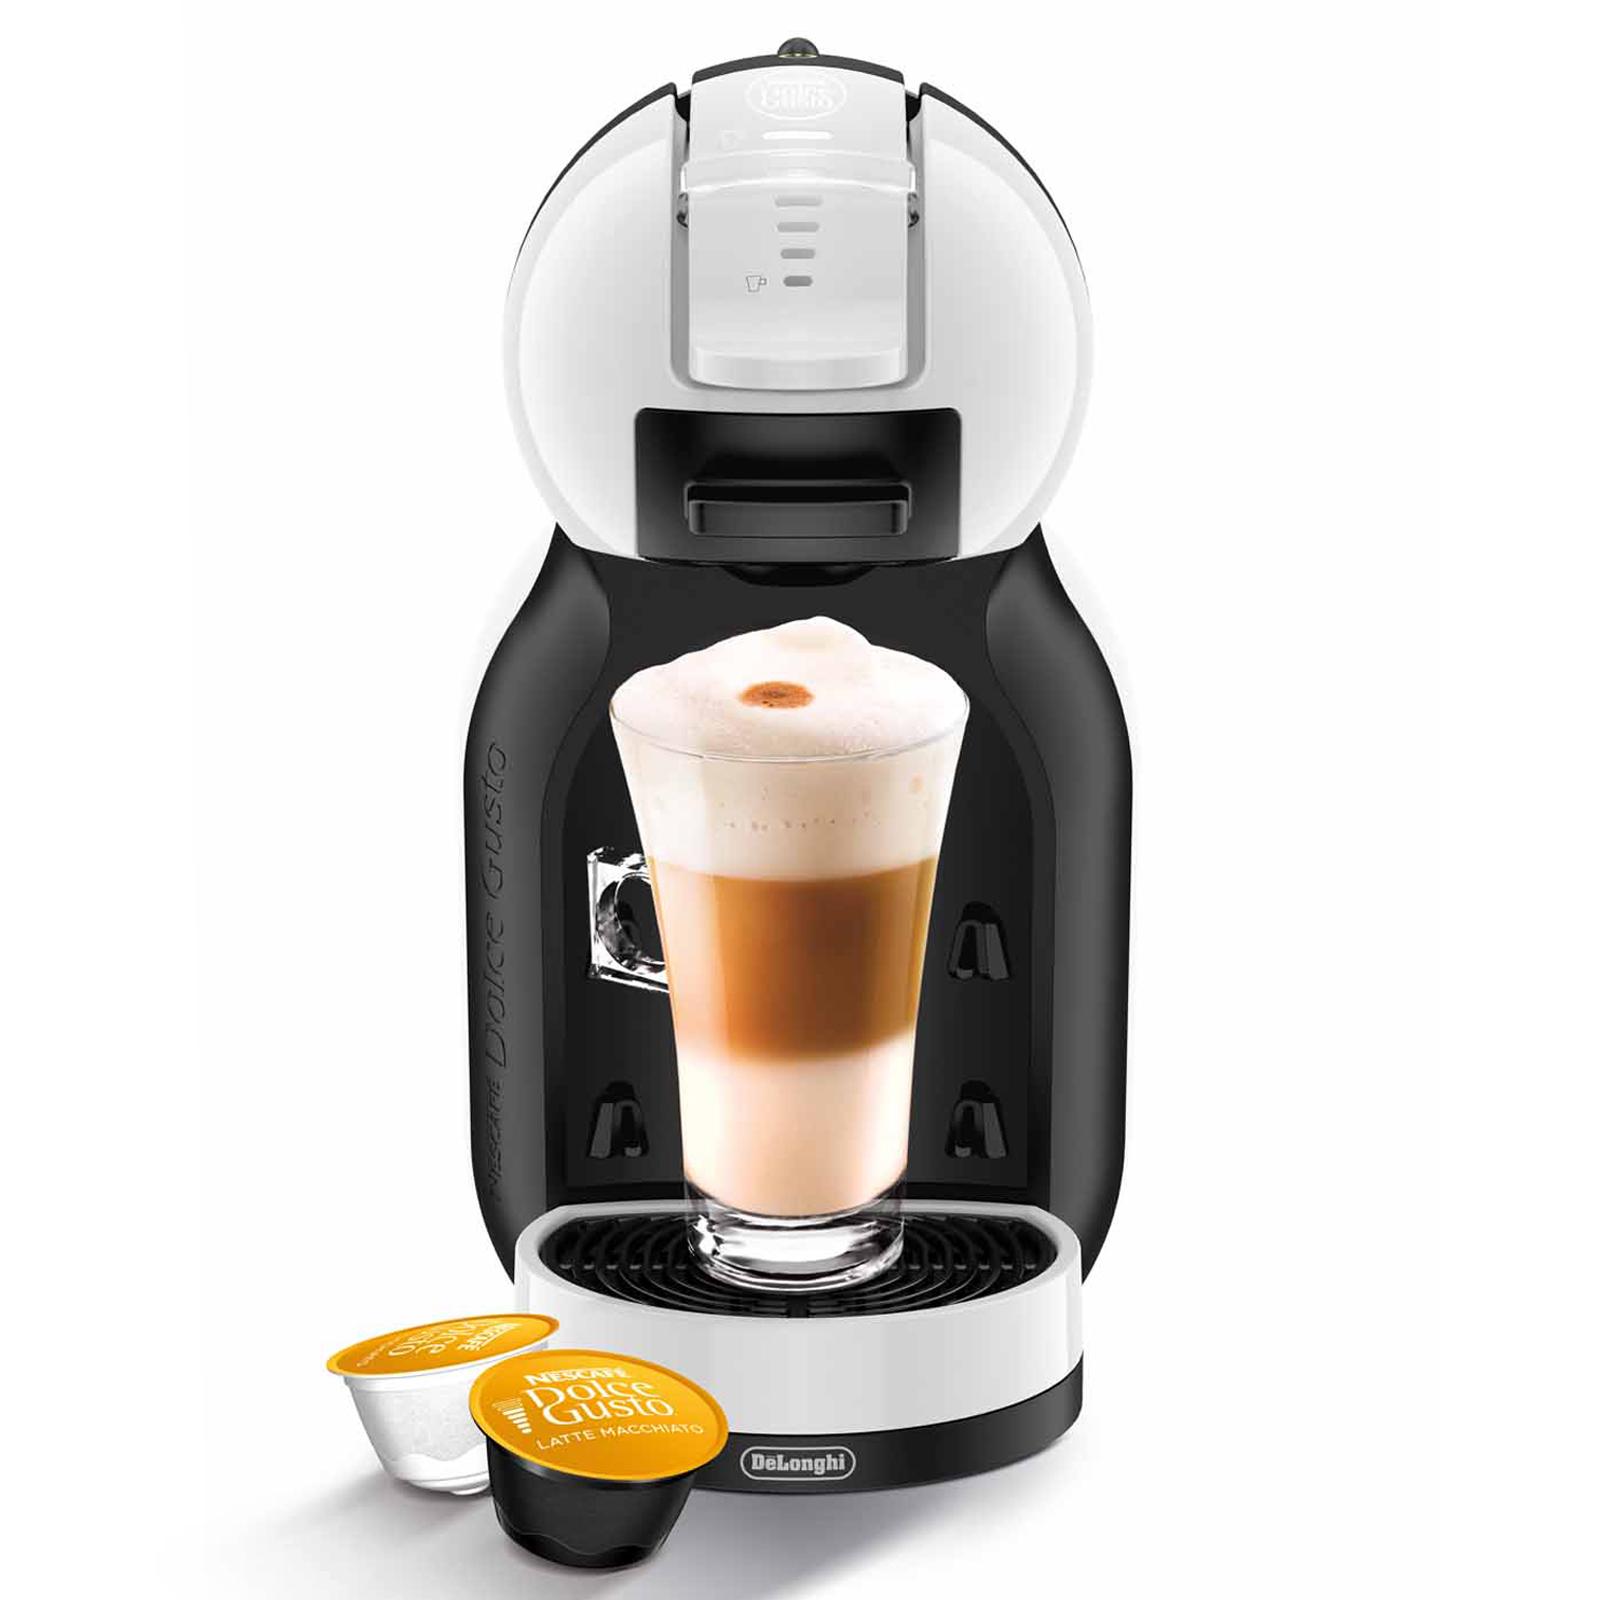 Delonghi Edg305 Nescafe Dolce Gusto Mini Me Automatic Pod Coffee Machine 08 L 1460 W